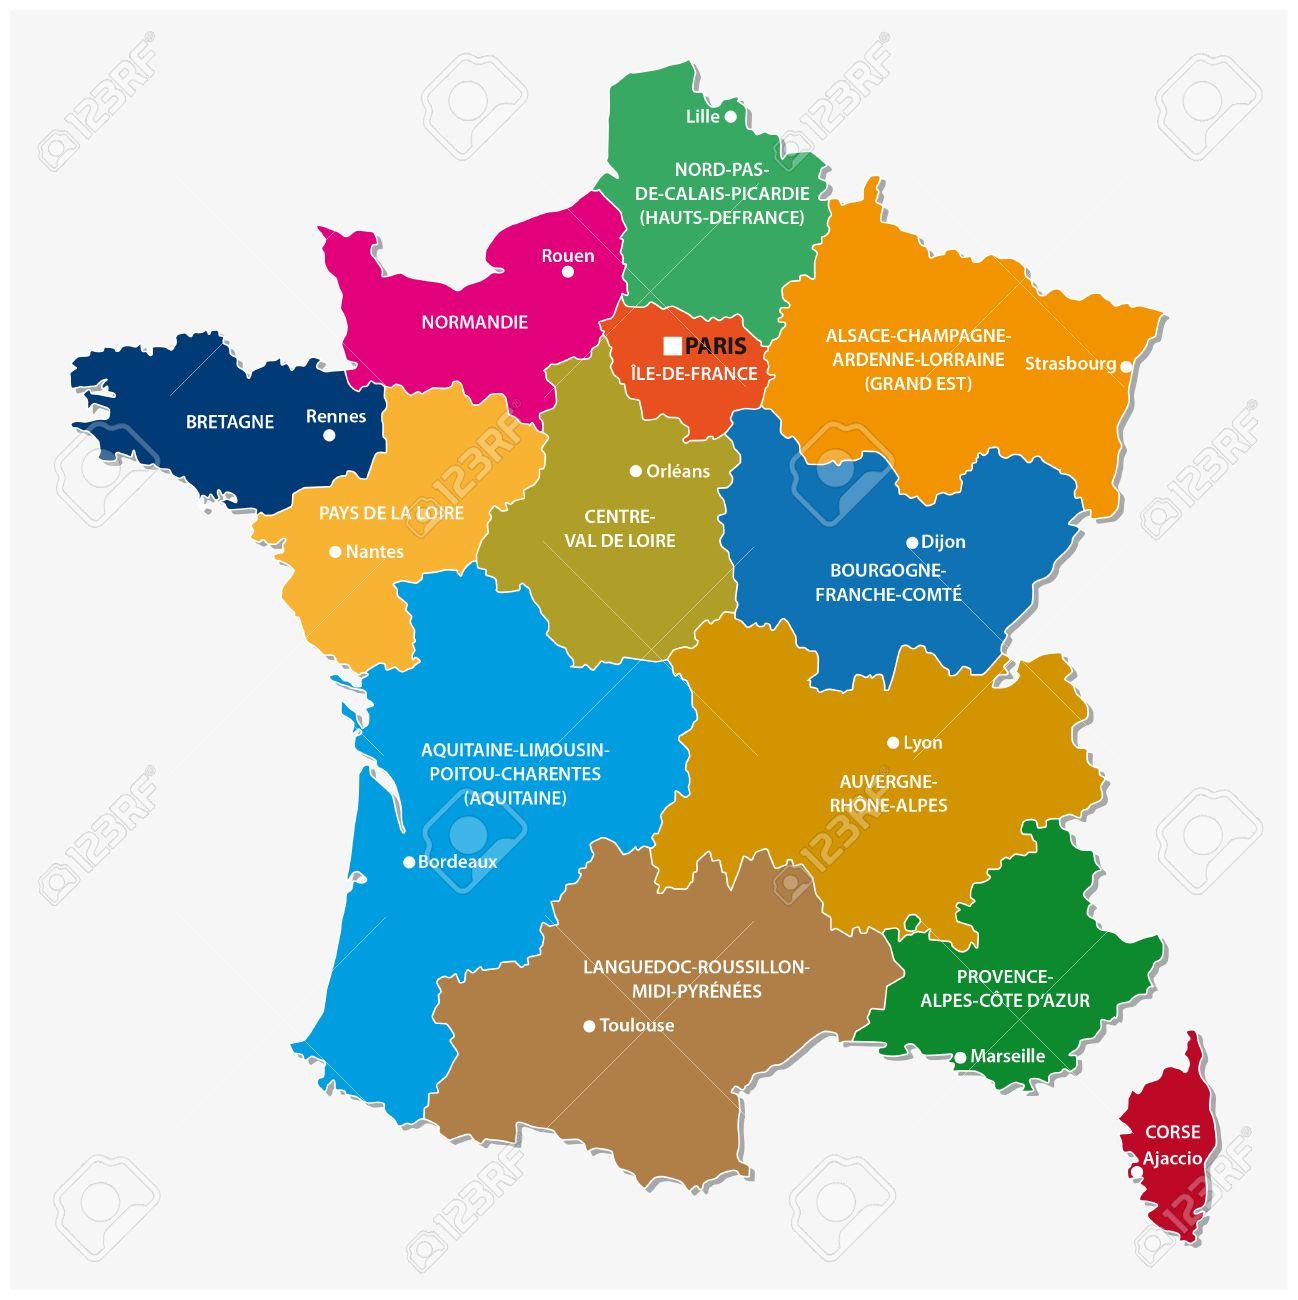 Les Nouvelles Régions De France Depuis La Carte pour Nouvelles Régions En France